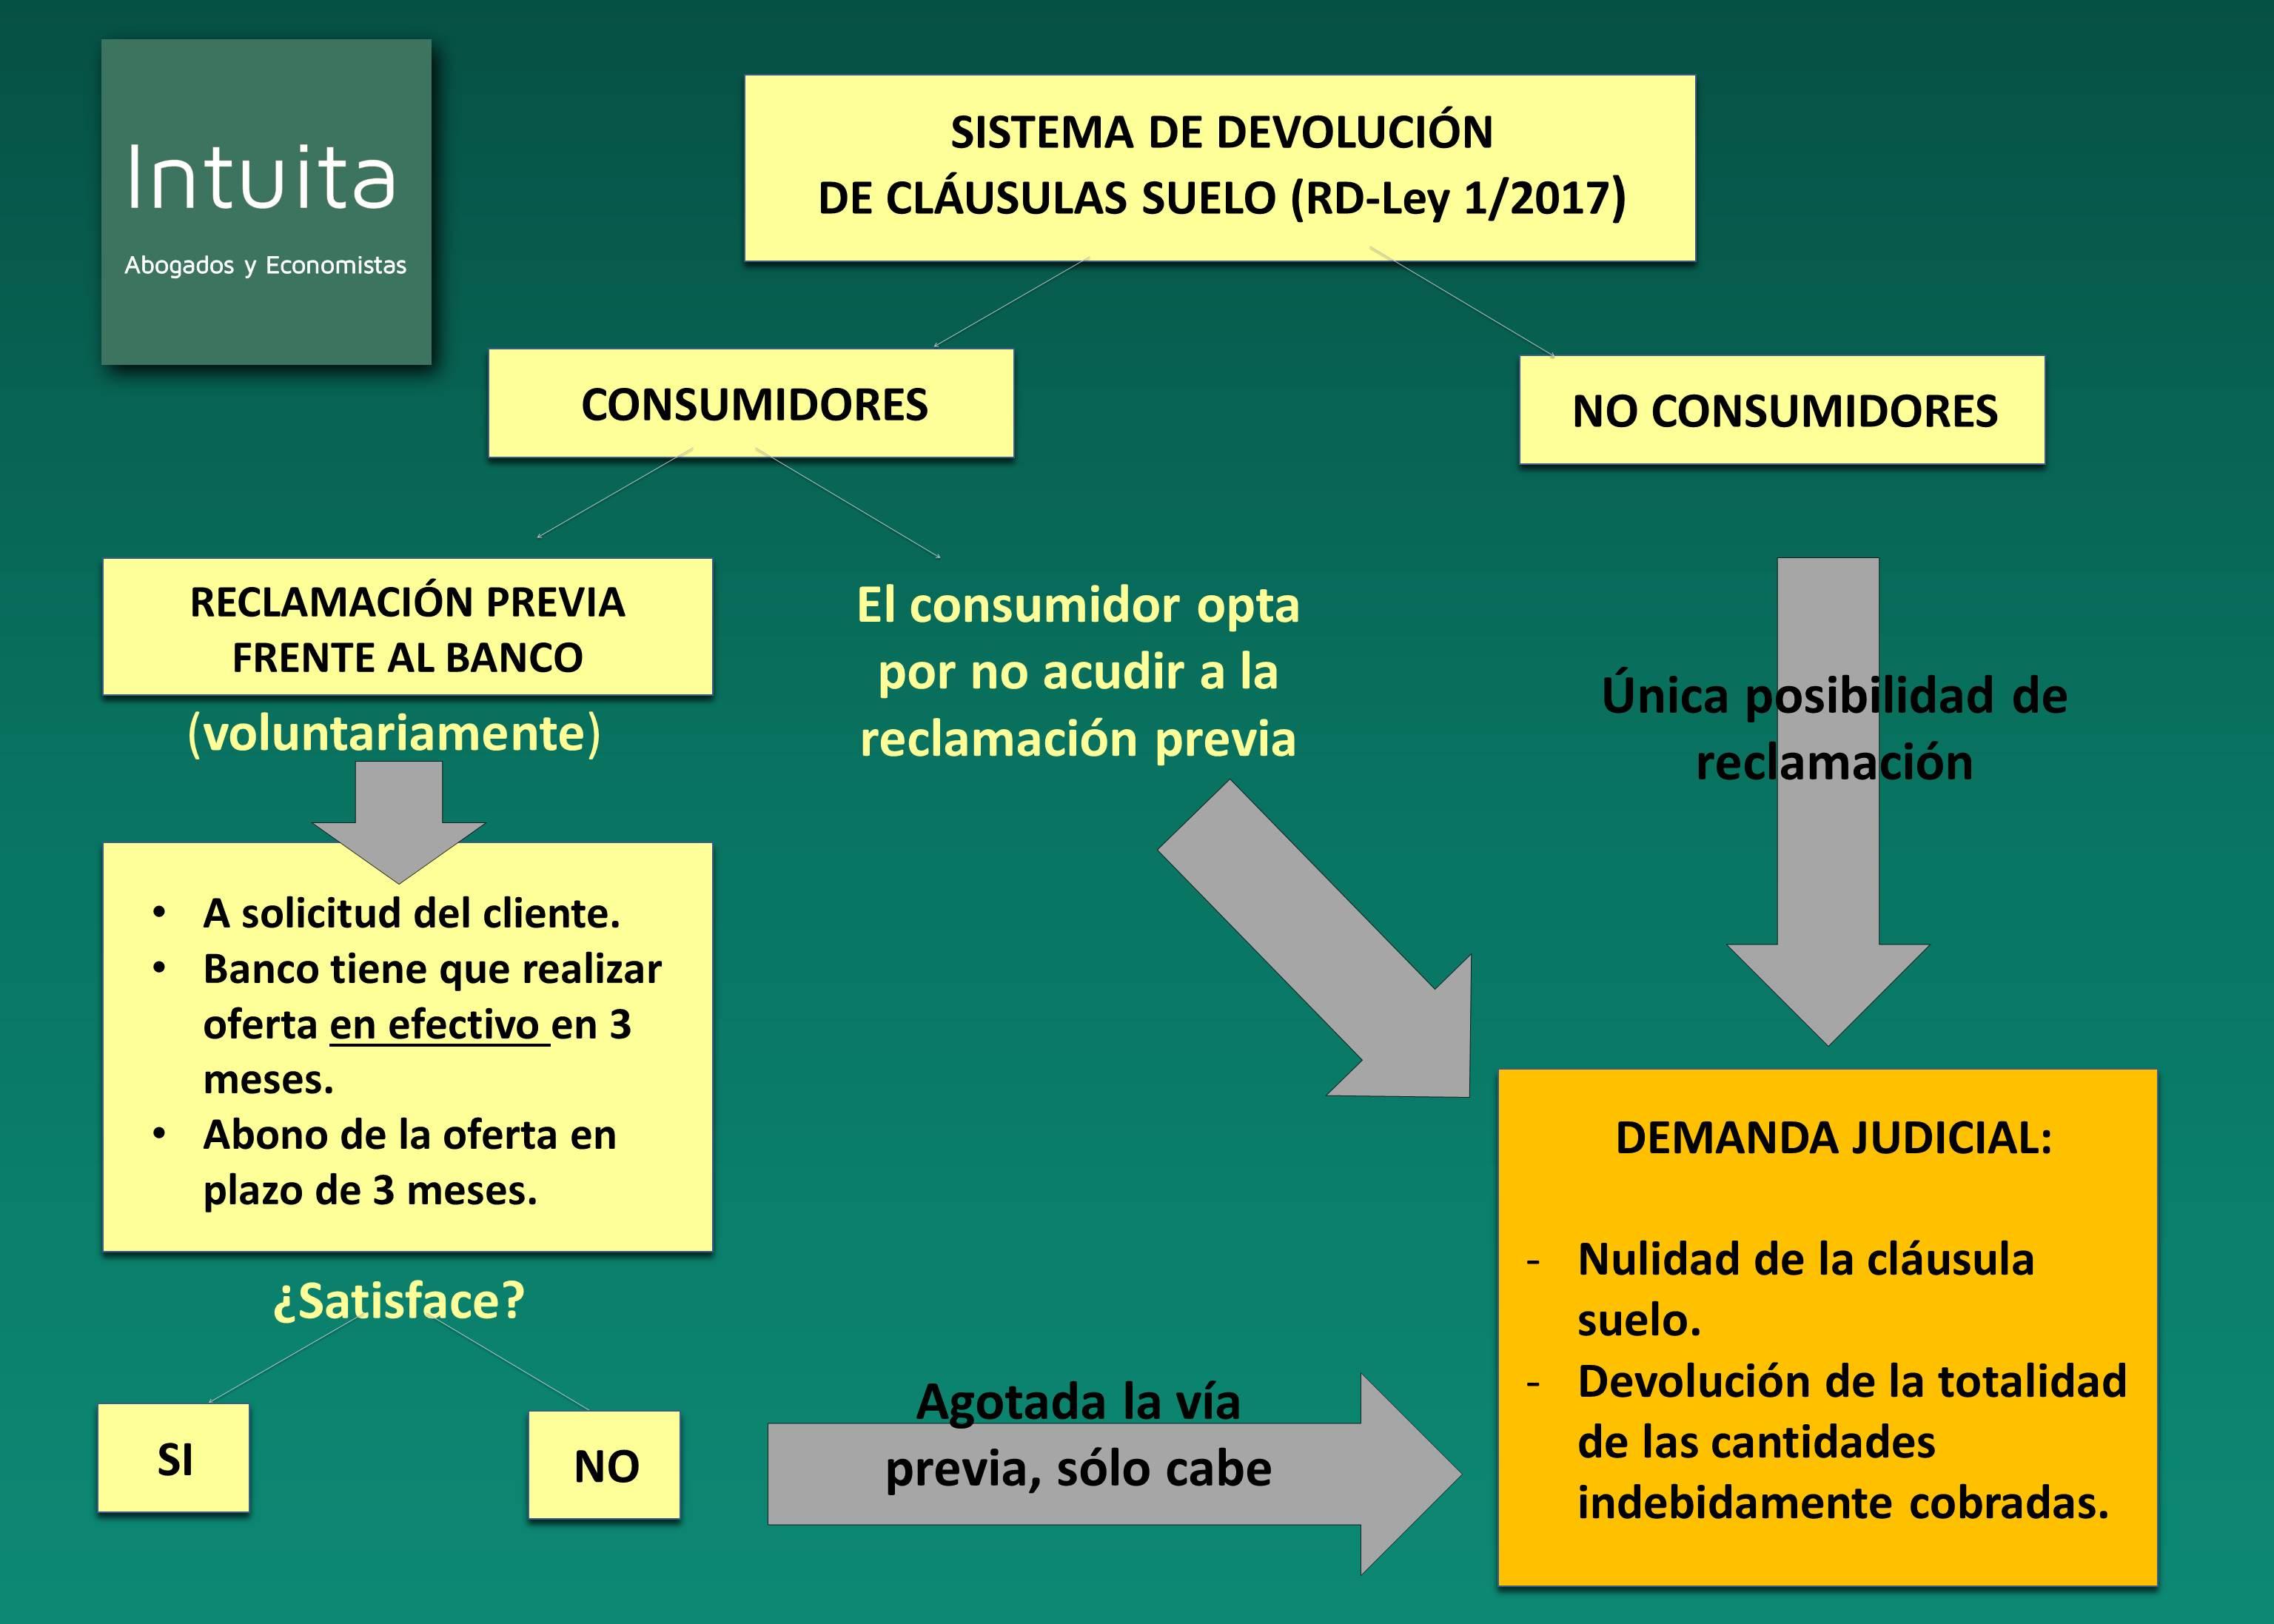 procedimiento-para-reclamar-la-clausula-suelo